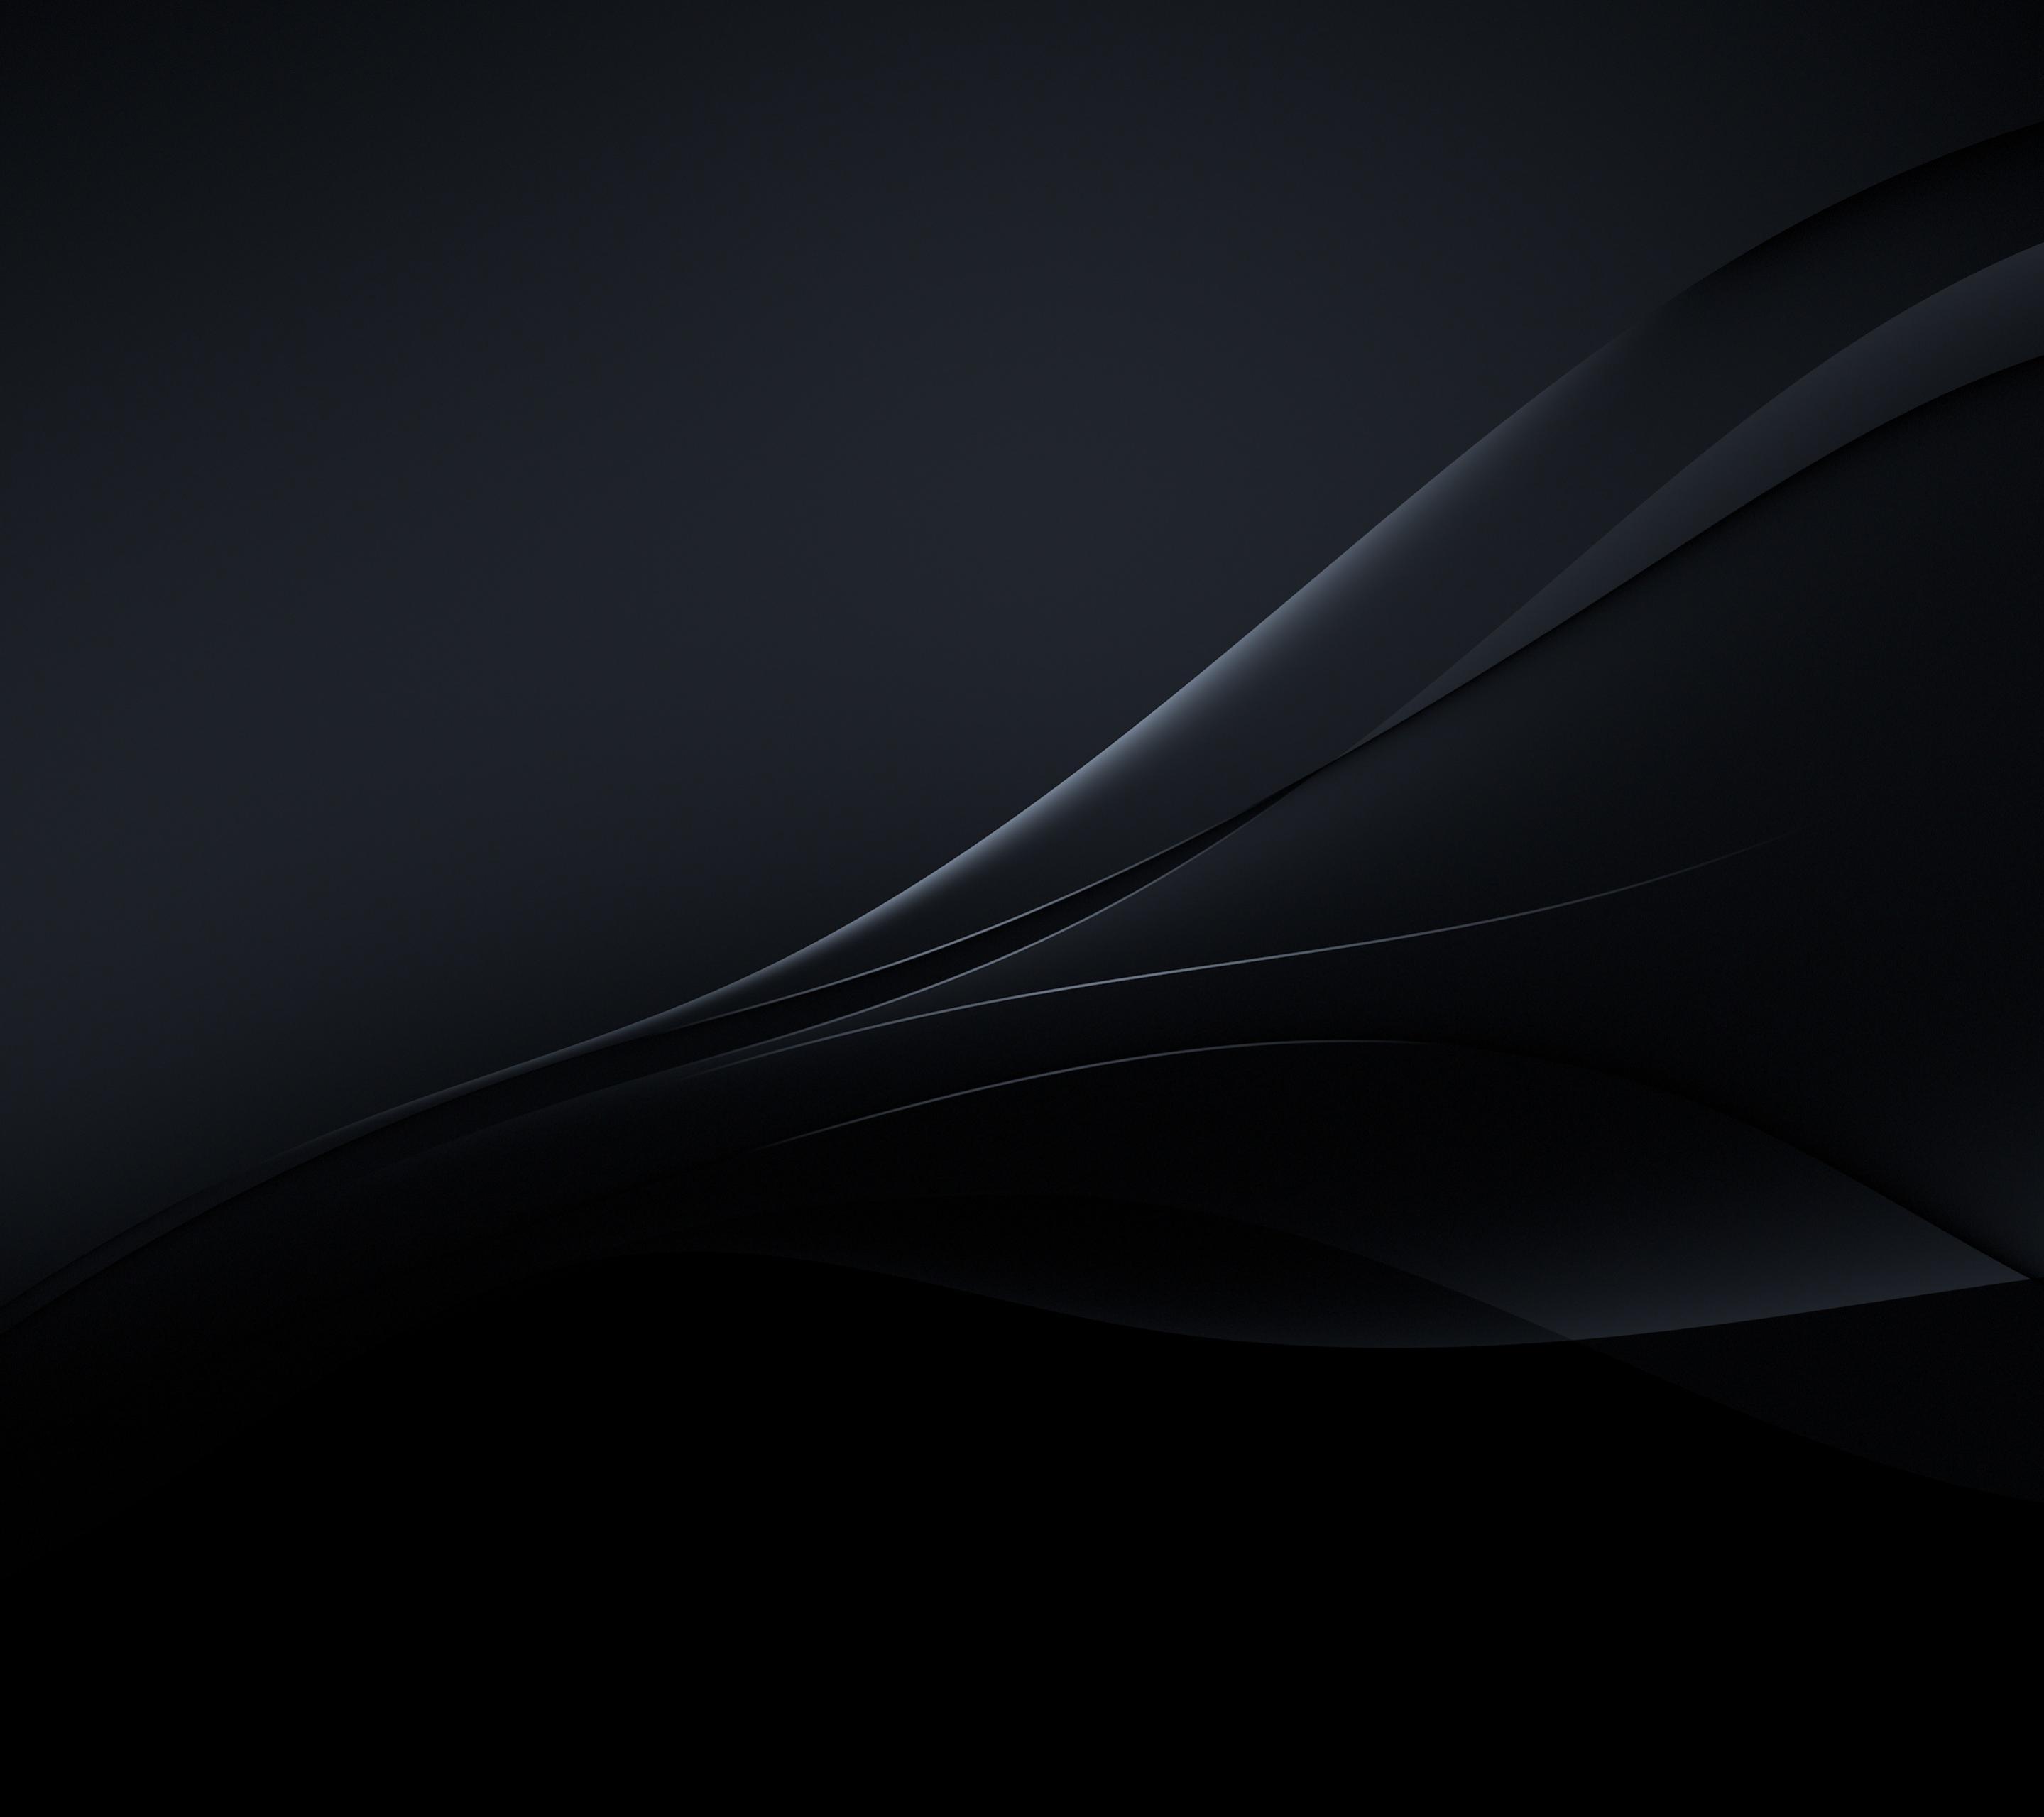 Amazoncom Sony Xperia U ST25ABP Unlocked Phone with